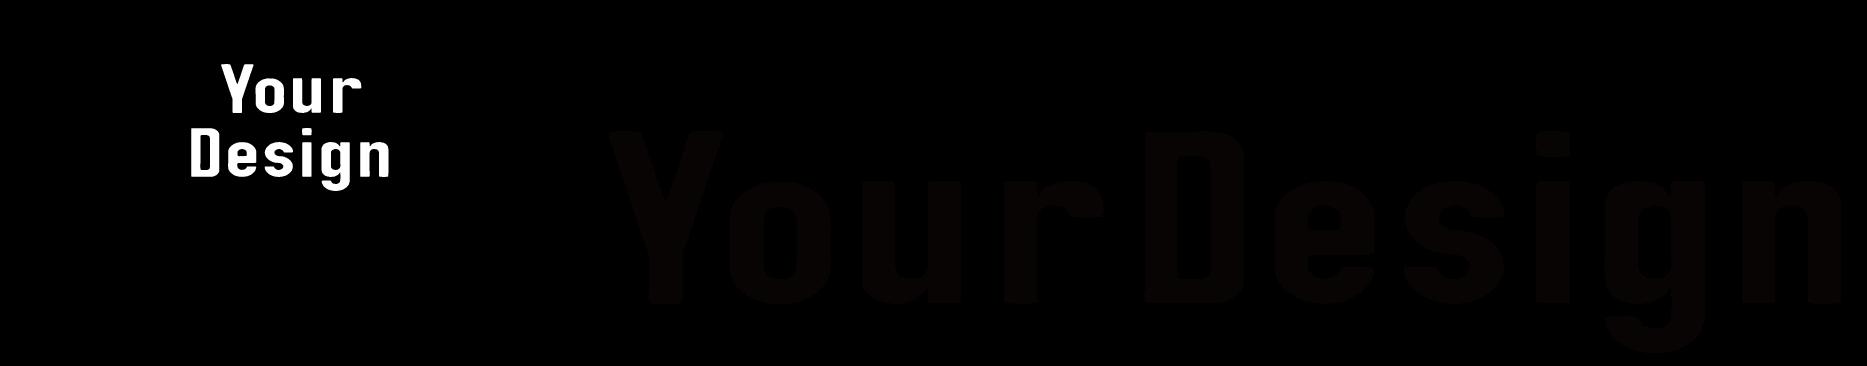 ビジネスマインド研究室|OFFICE YourDesign